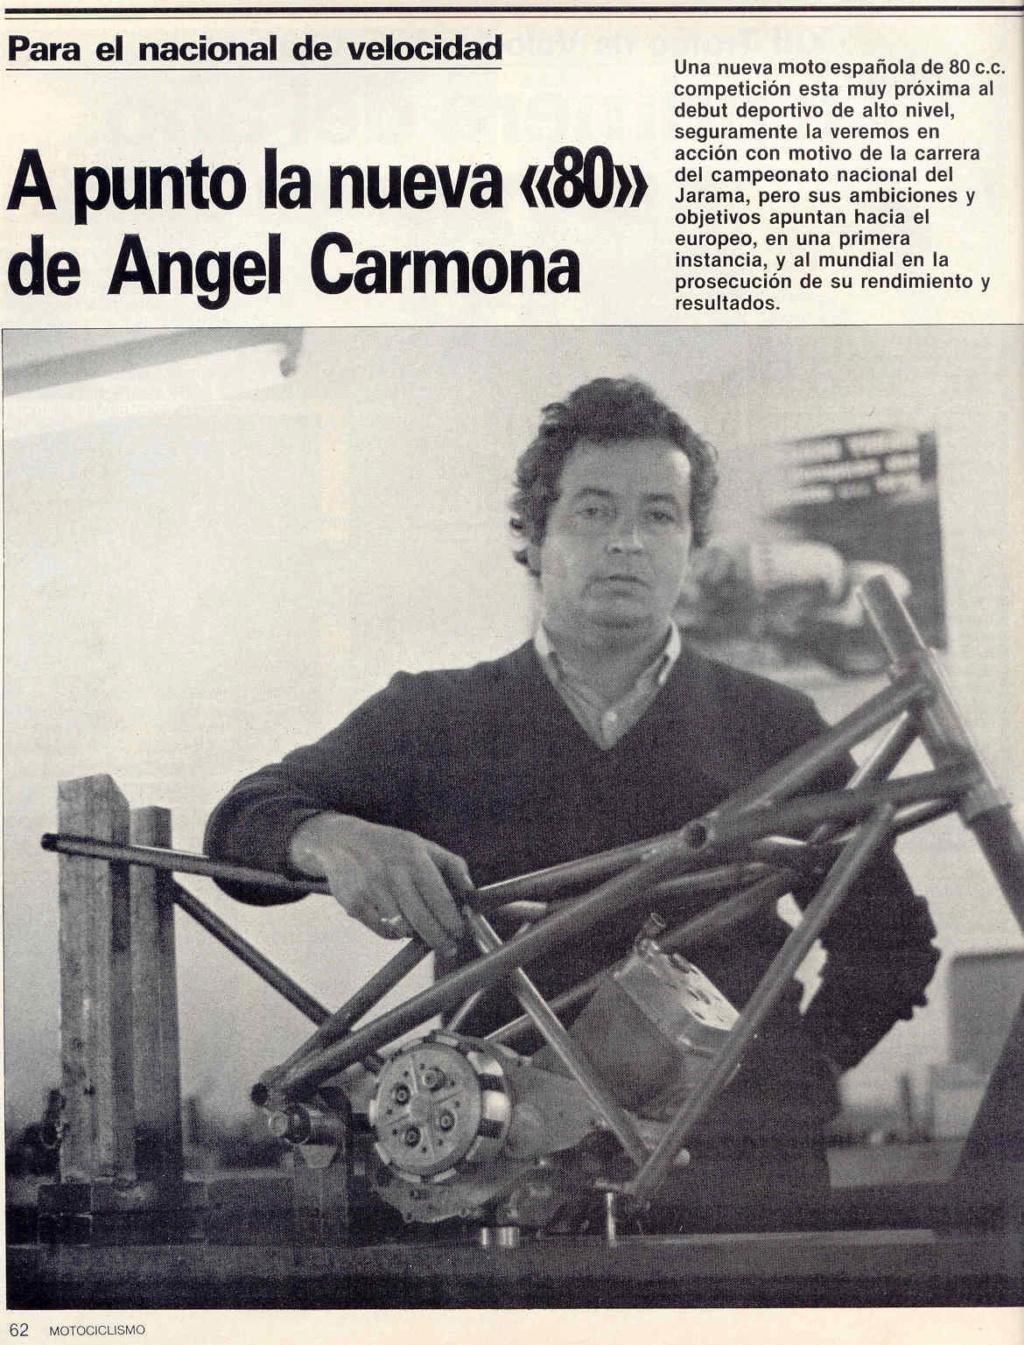 Censo de Autisa 80 GP Carmon12